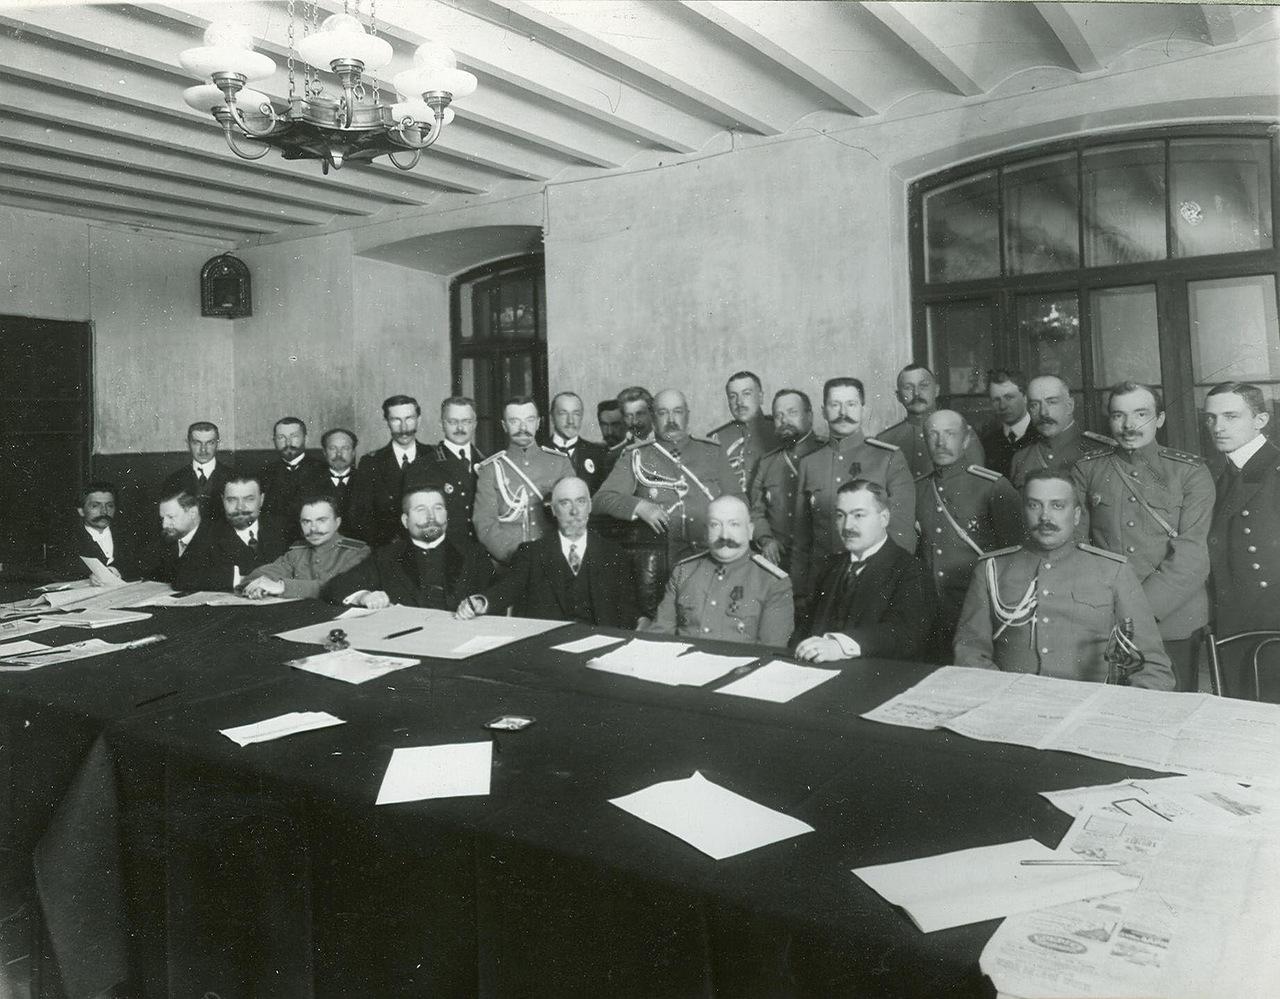 0_a9429_27aeecfd_XXXLГруппа офицеров и чиновников в читальном зале  сидит второй справа - Иван Петрович Пузырев , основатель и владелец первого русского автозавода.